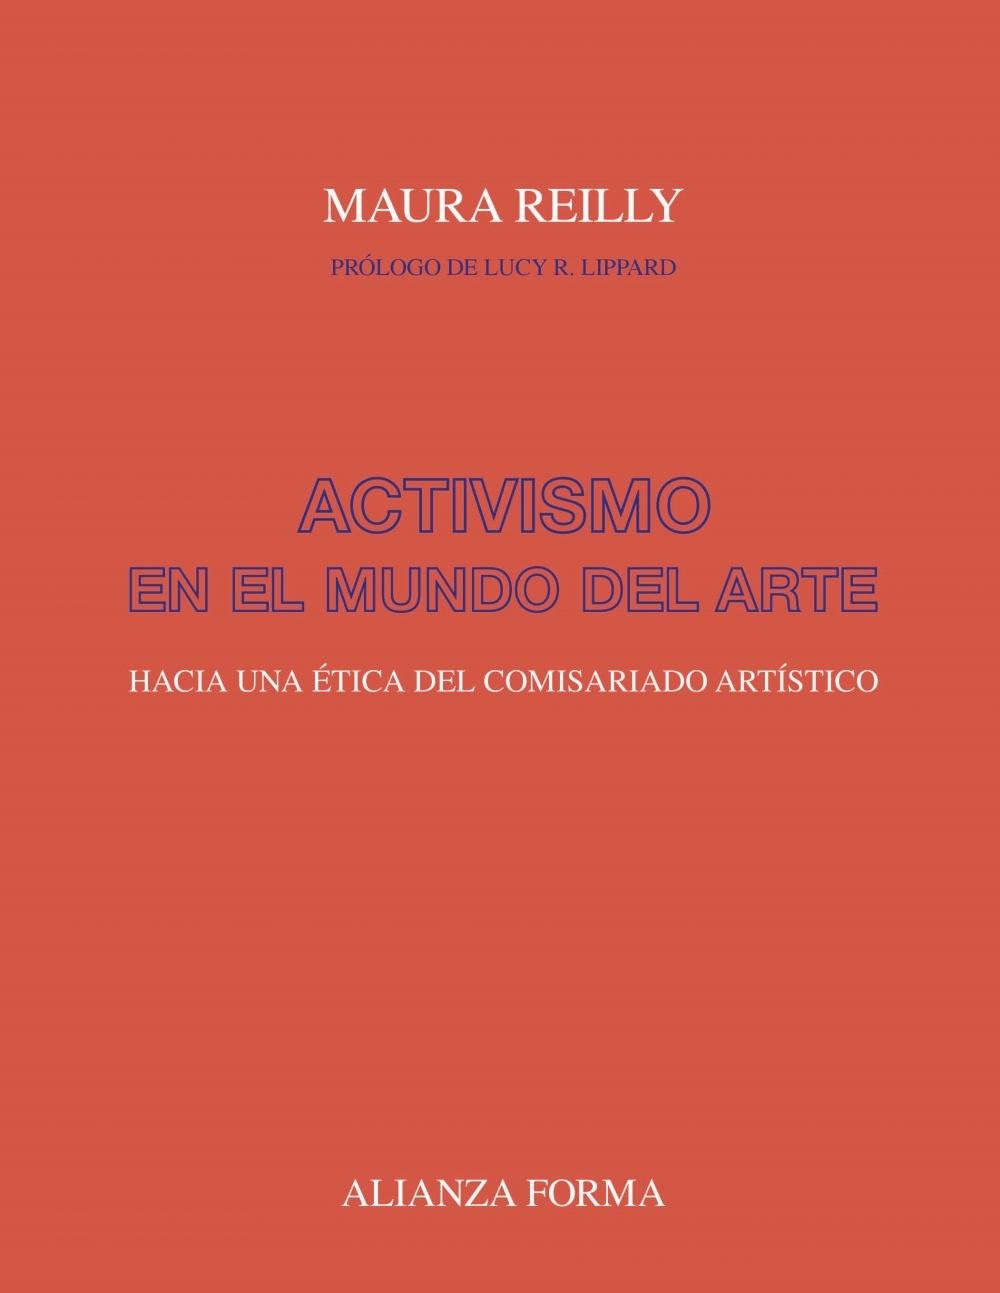 Activismo en el mundo del arte